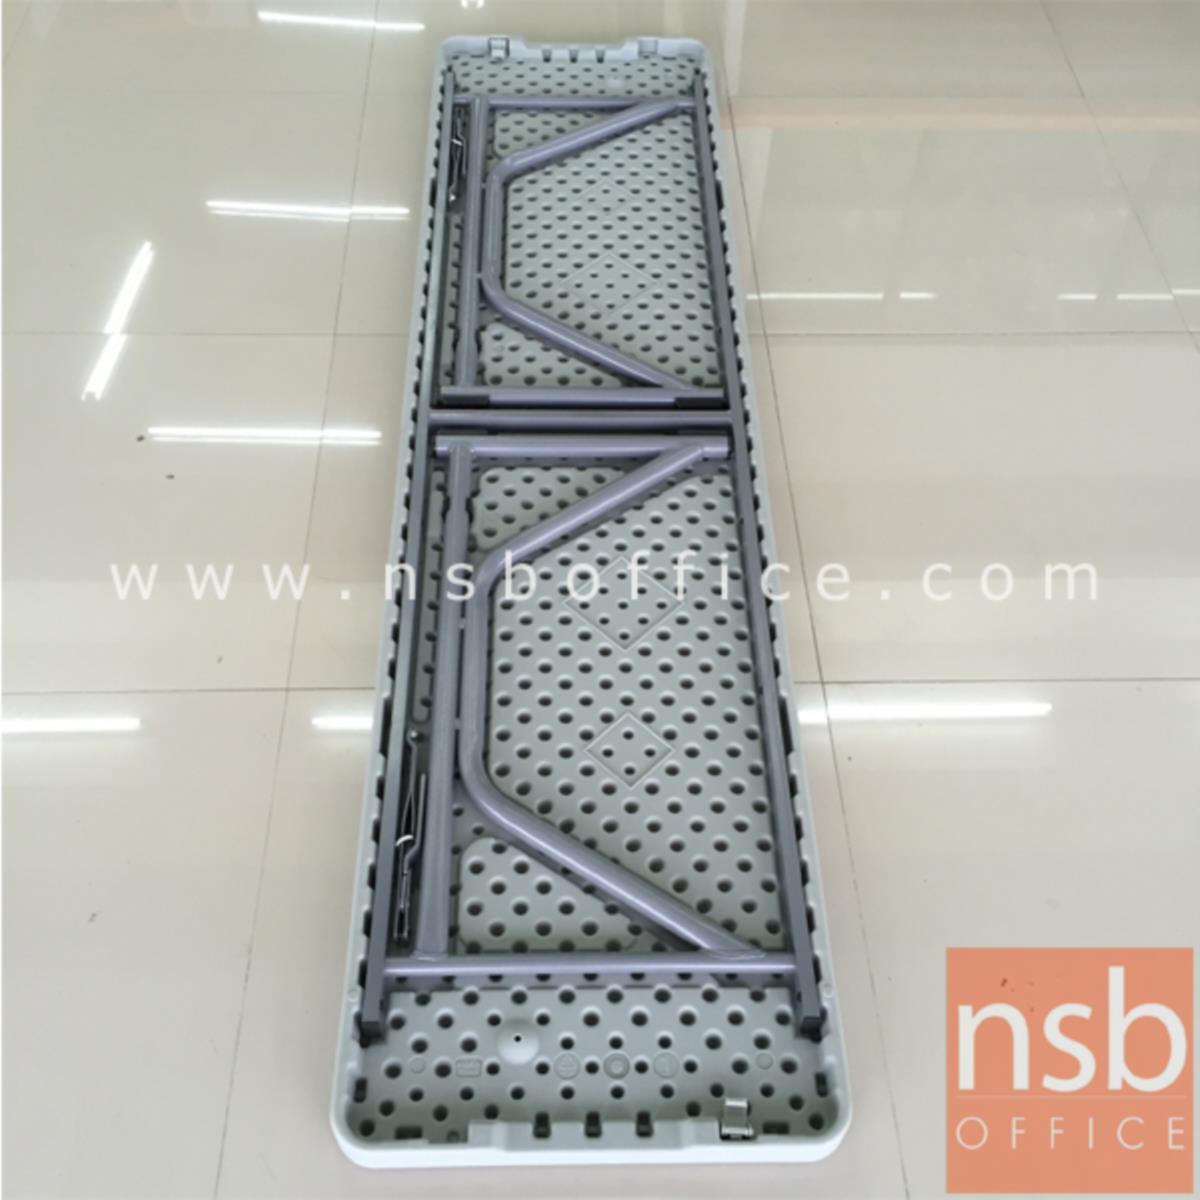 โต๊ะพับหน้าพลาสติก รุ่น Oswald (ออสวอลด์) ขนาด 183.5W cm.  โครงเหล็กเคลือบพ่นสี